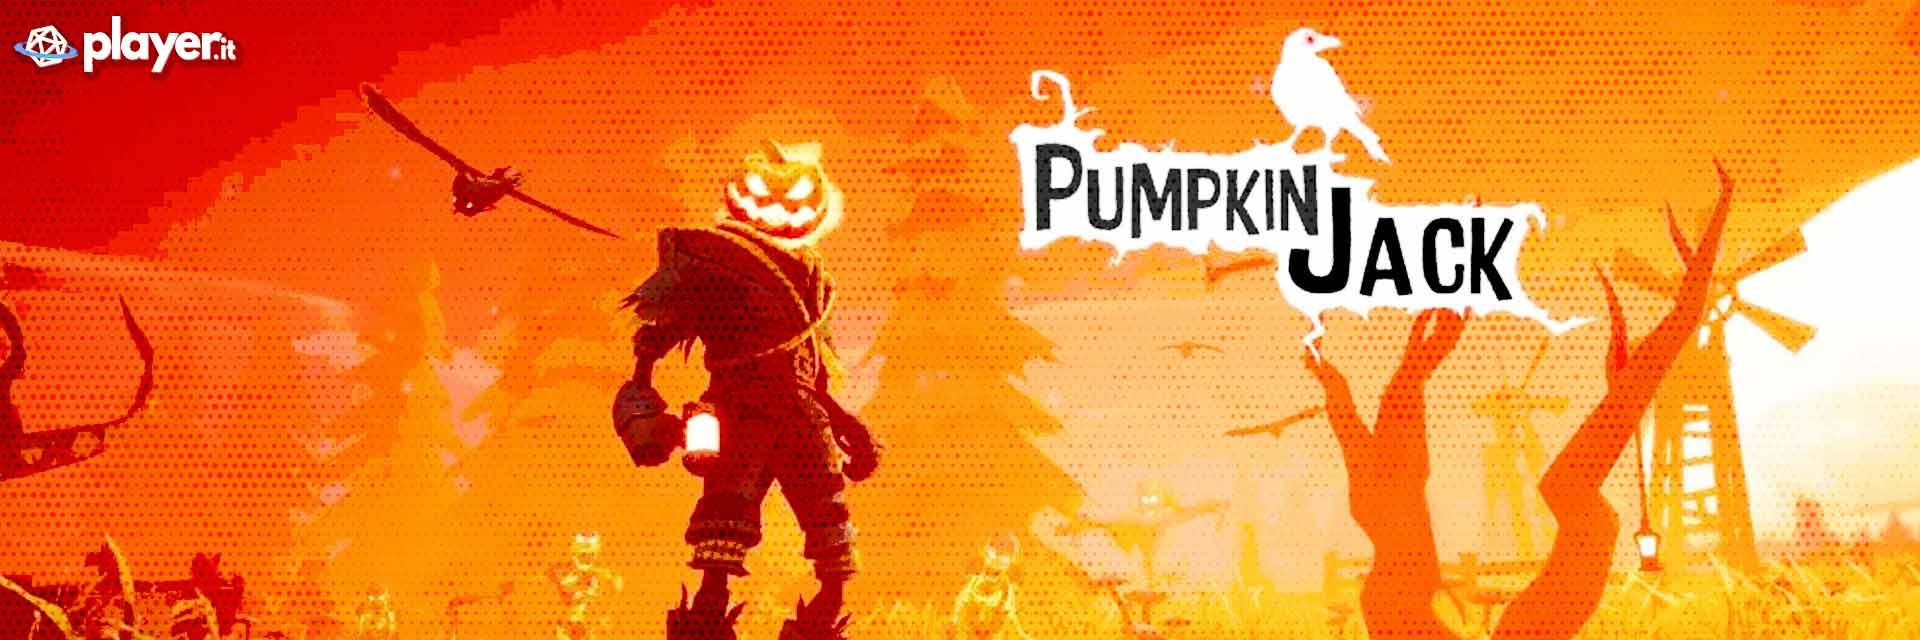 pumpkin jack wallpaper in hd